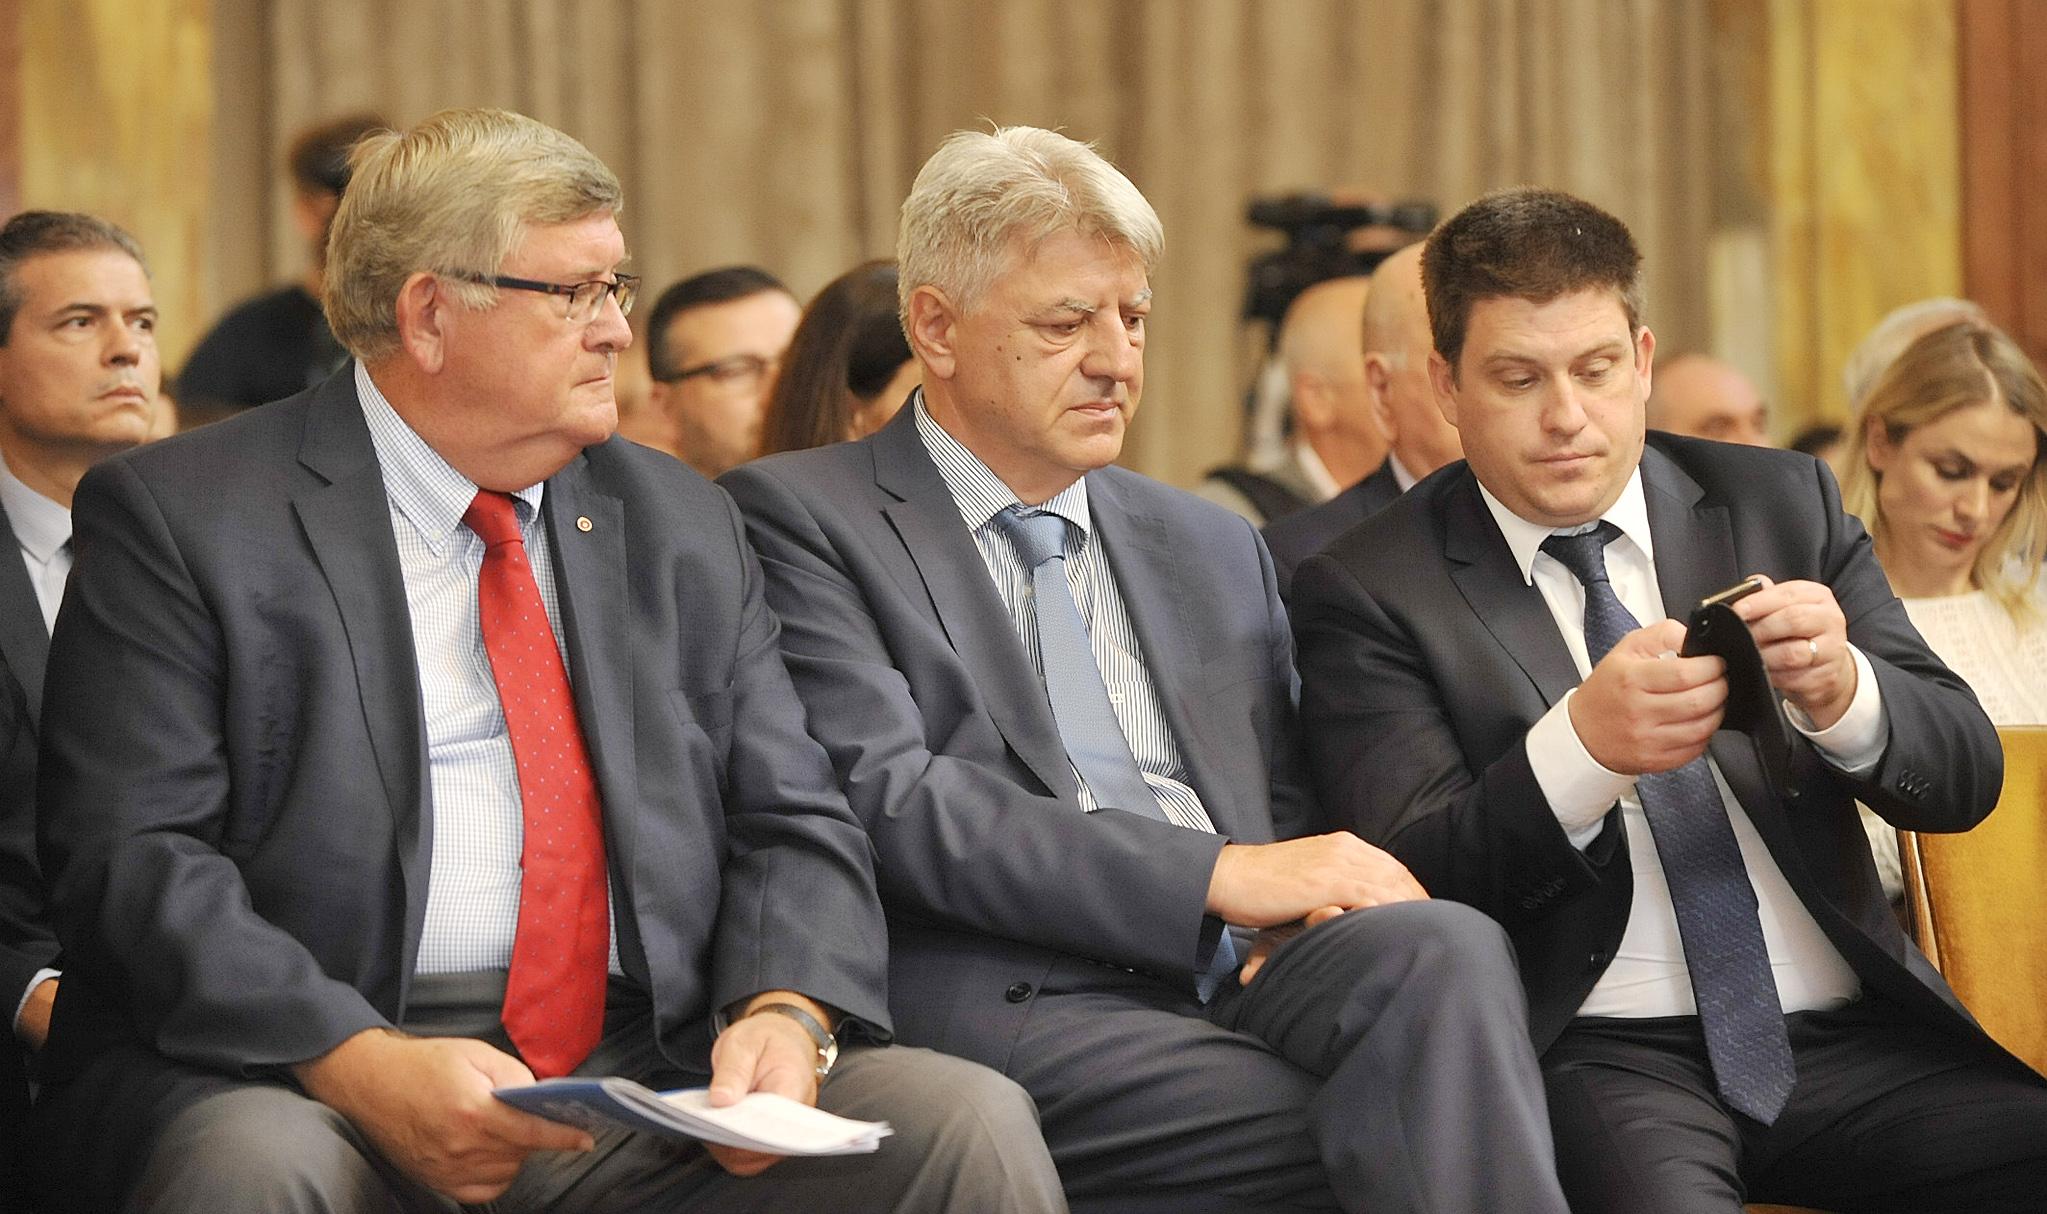 Vojko Obersnel i Zlatko Komadina na konferenciji HŽ-a / Snimio Sergej DRECHSLER